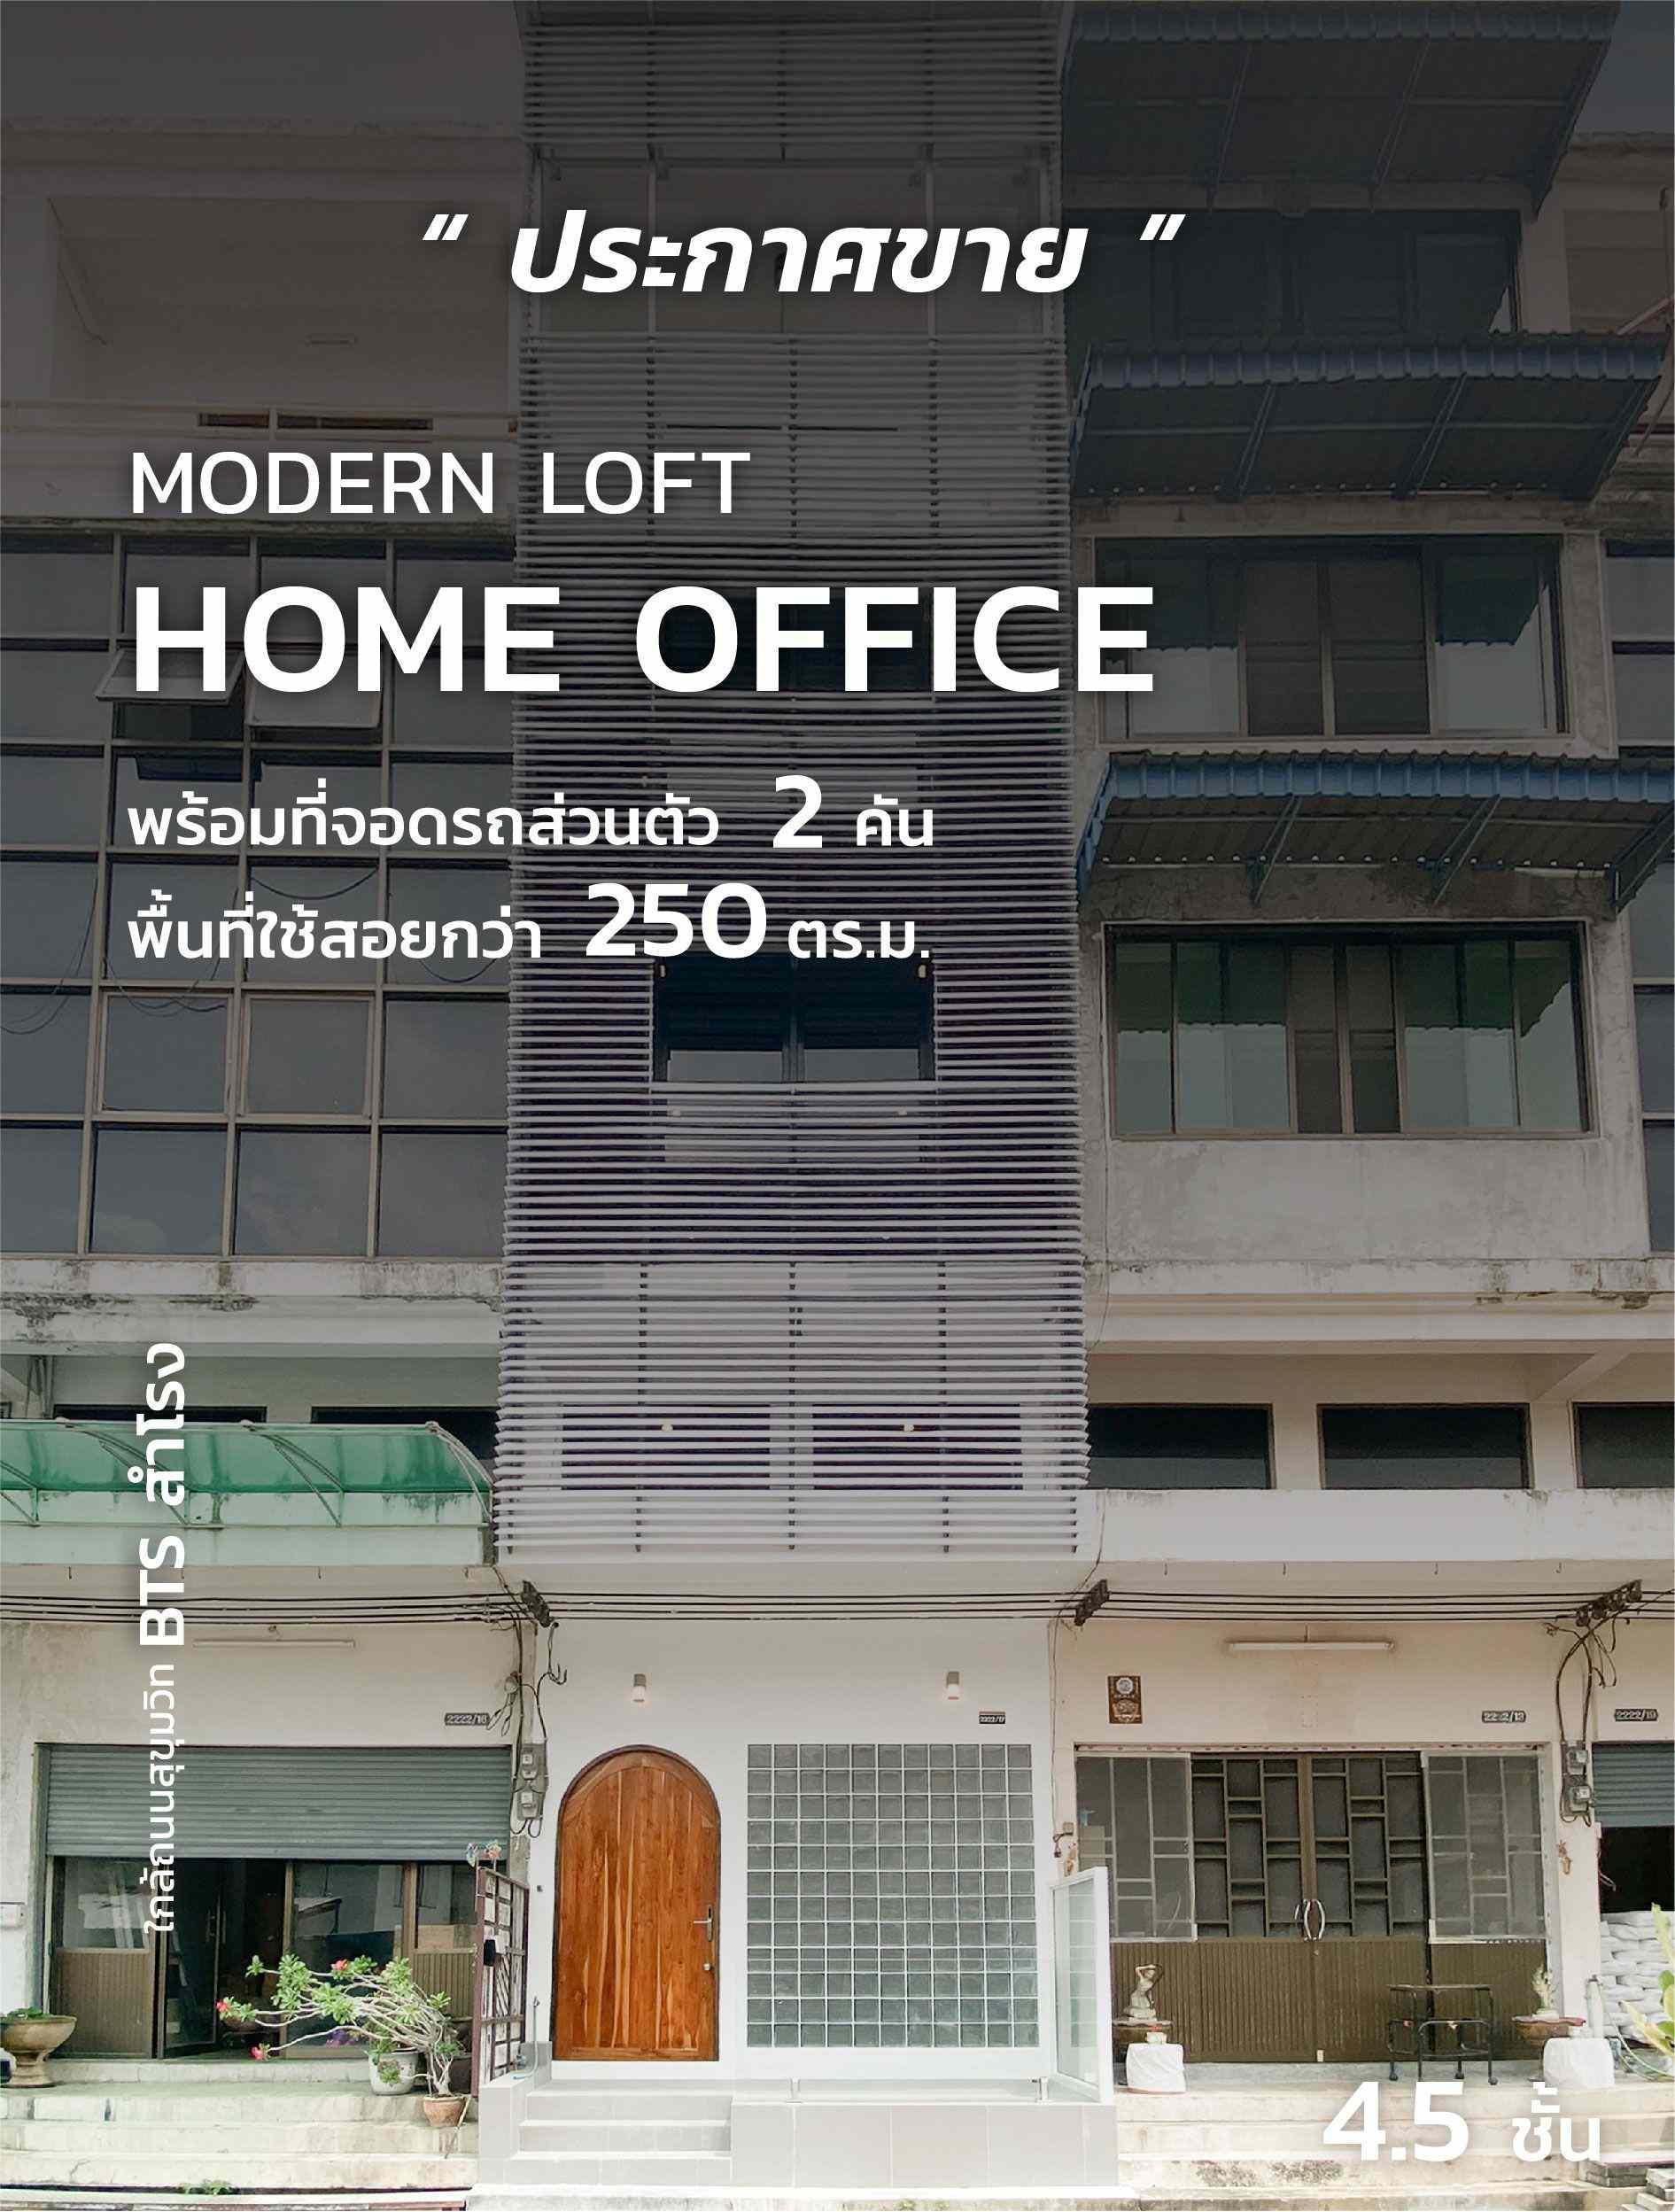 ขาย Home Office Modern Loft ห่างสุขุวิทเพียง 70m ห่าง BTS สำโรง 300m เนื้อที่ 20.7 ตร.ว. 4.5 ชั้น